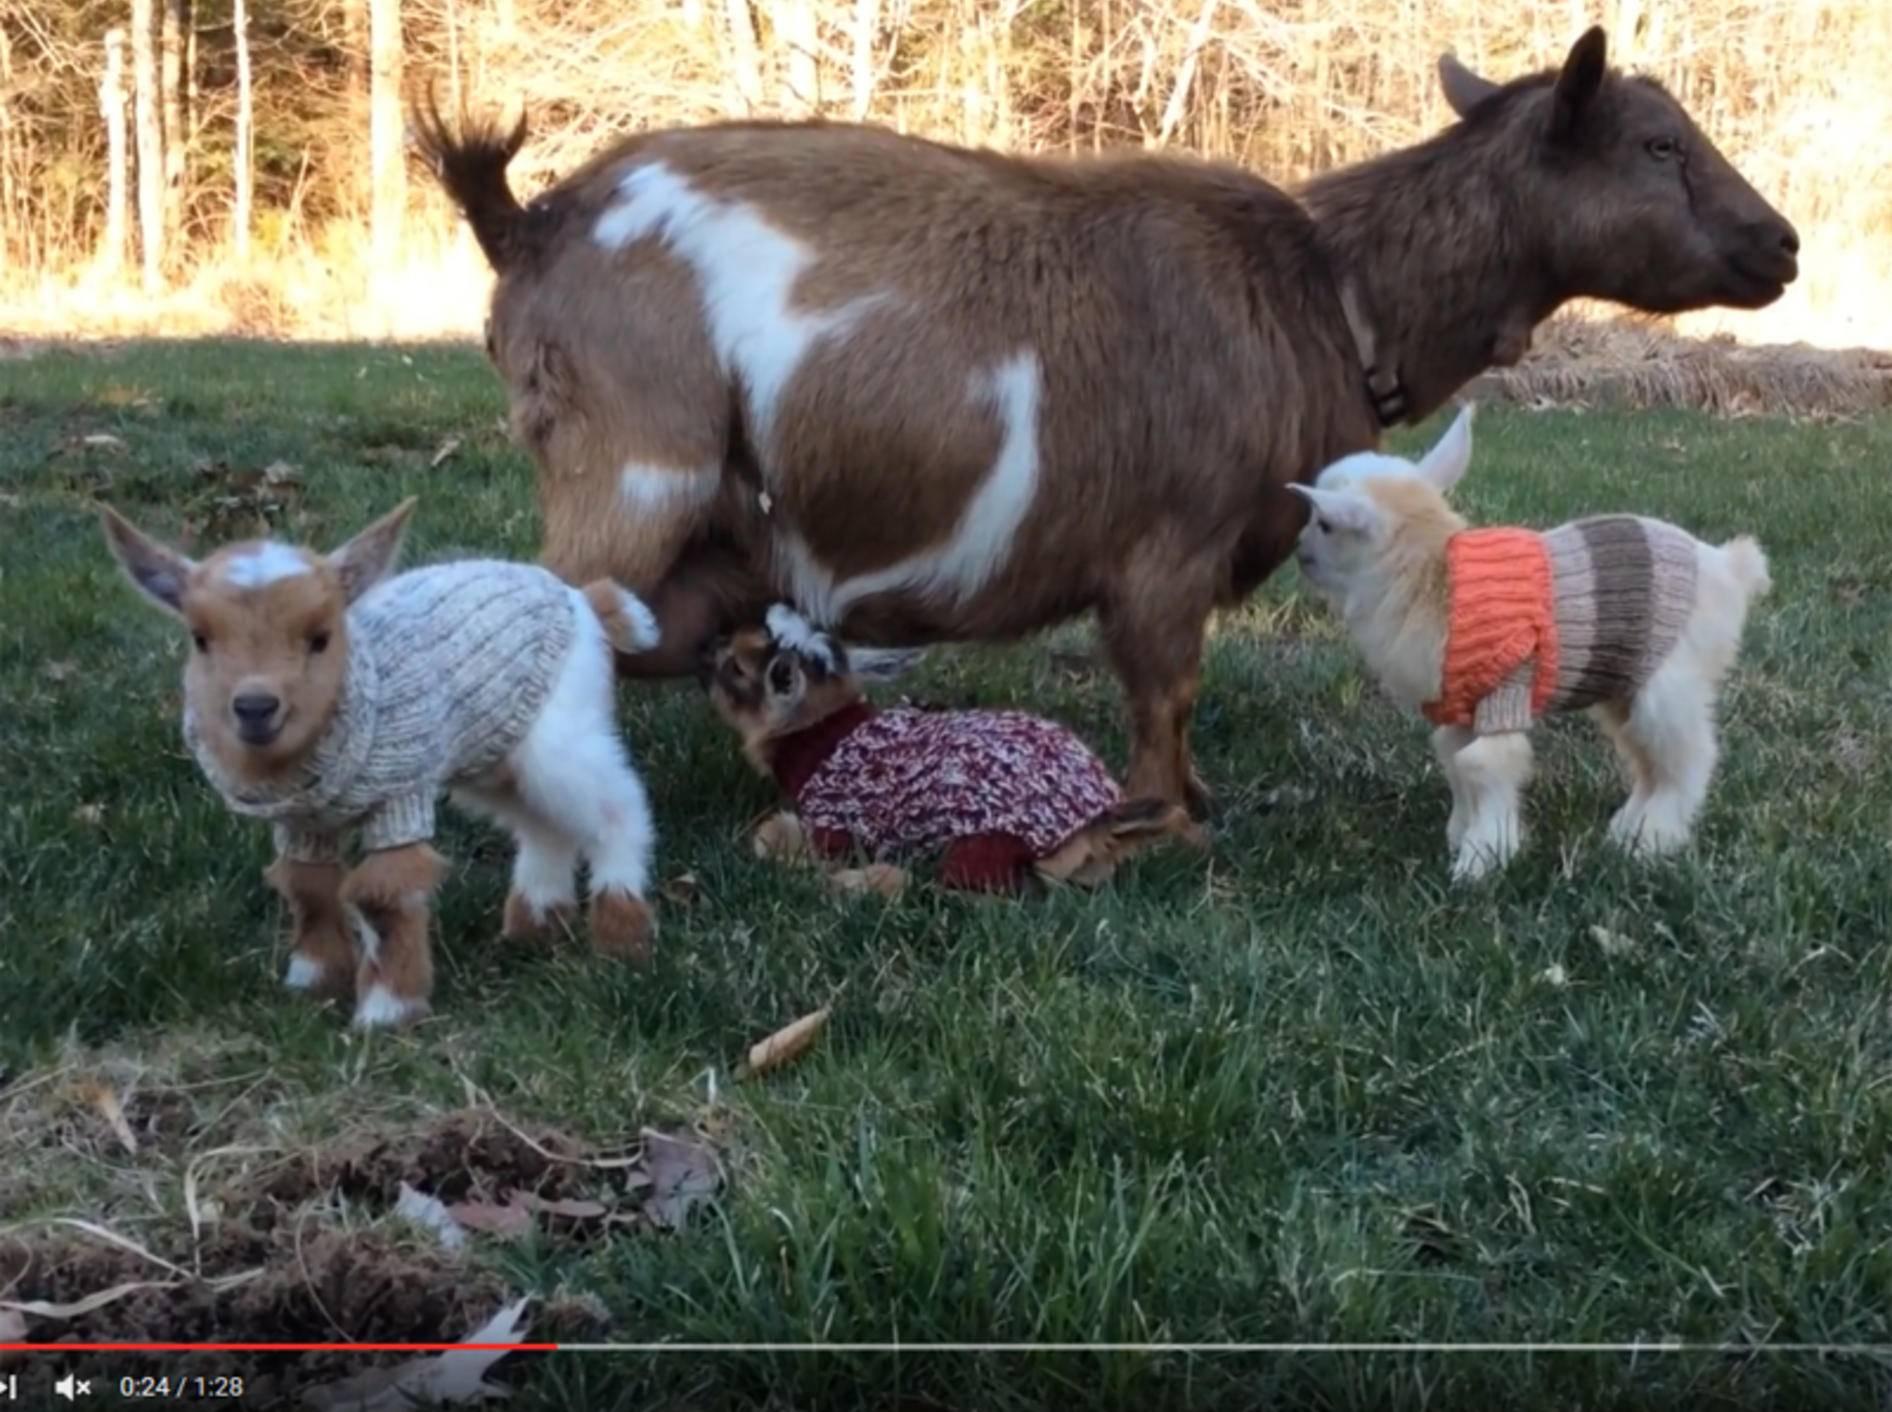 Drei kleine Zicklein haben es muckelig warm in selbstgestrickten Wollpullis – YouTube / Sunflower Farm Creamery